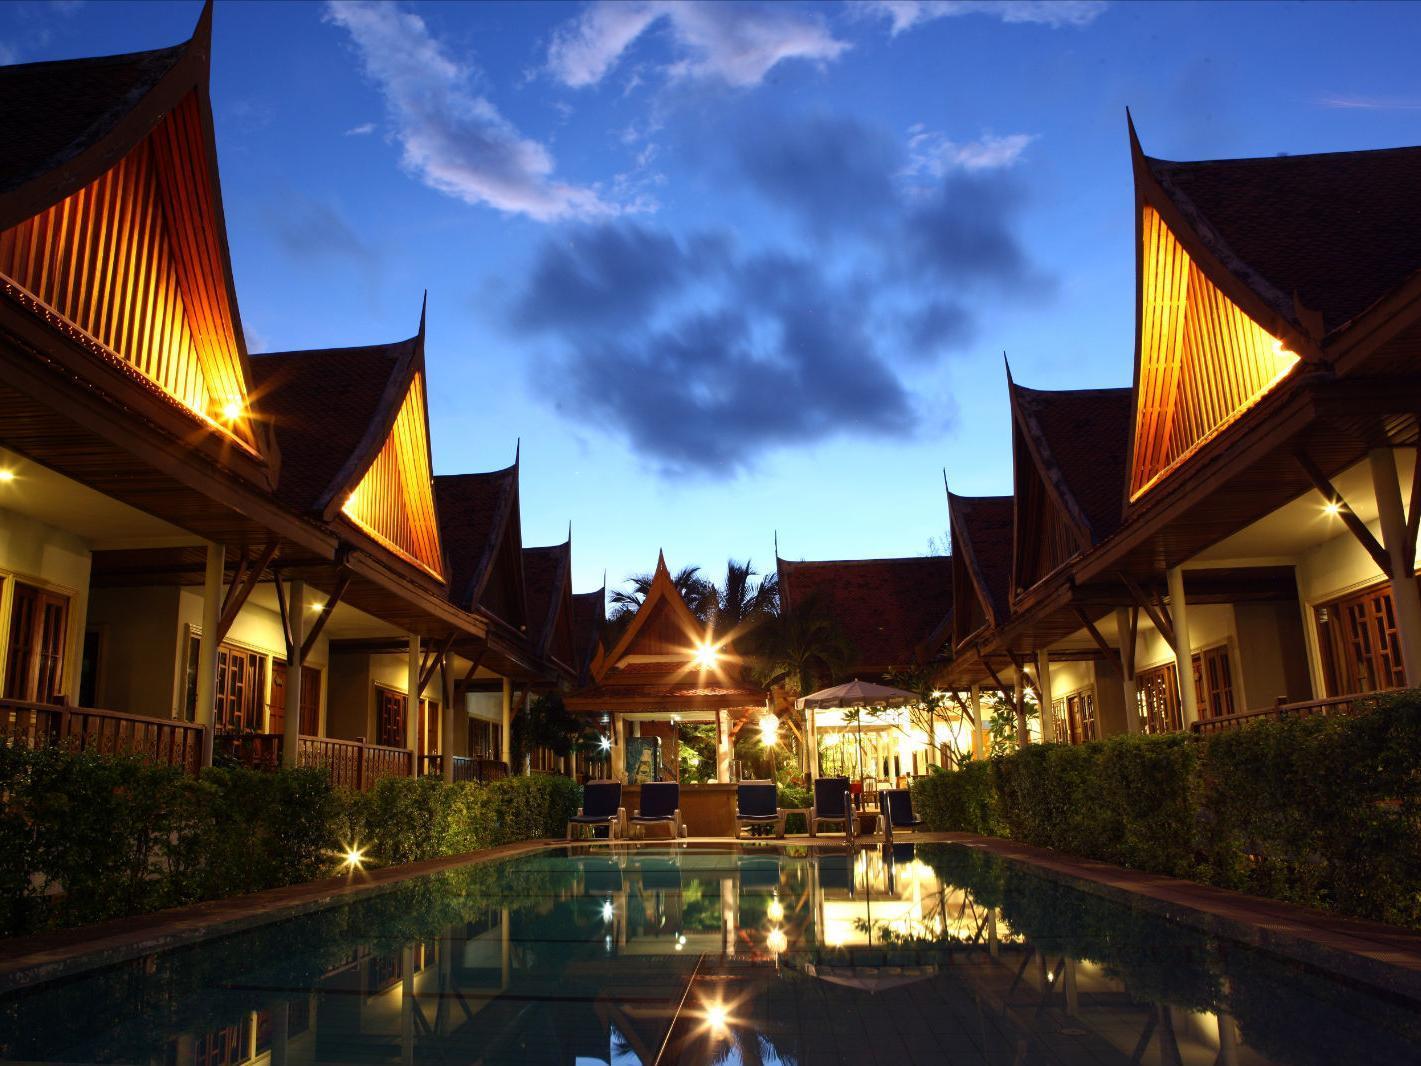 Bang tao village resort